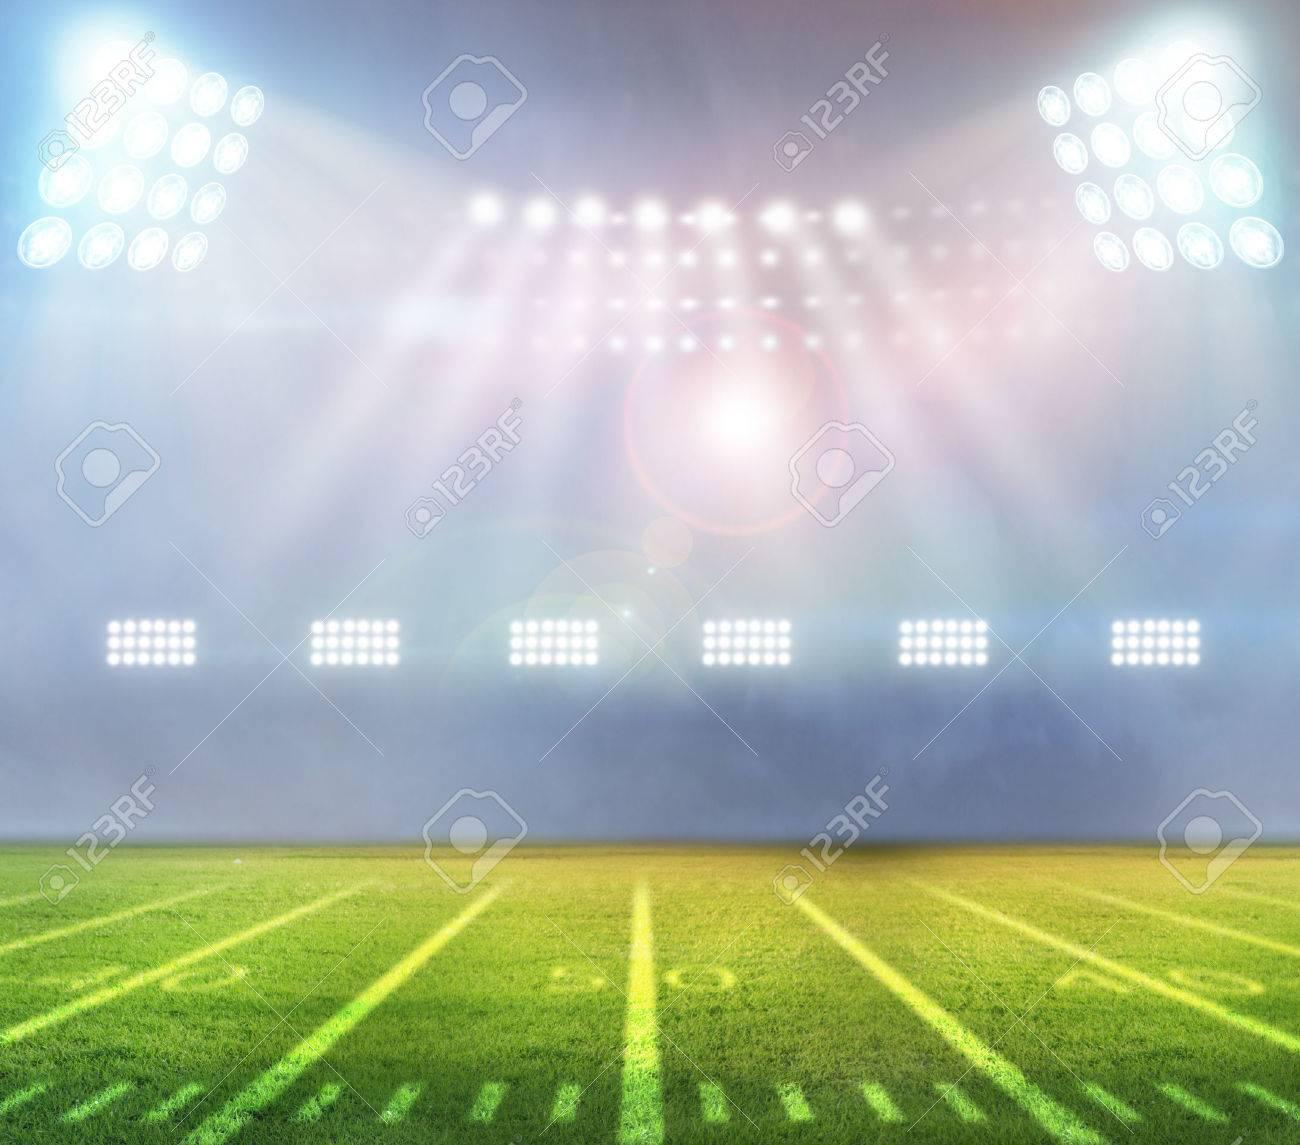 bright spotlights - 31641333